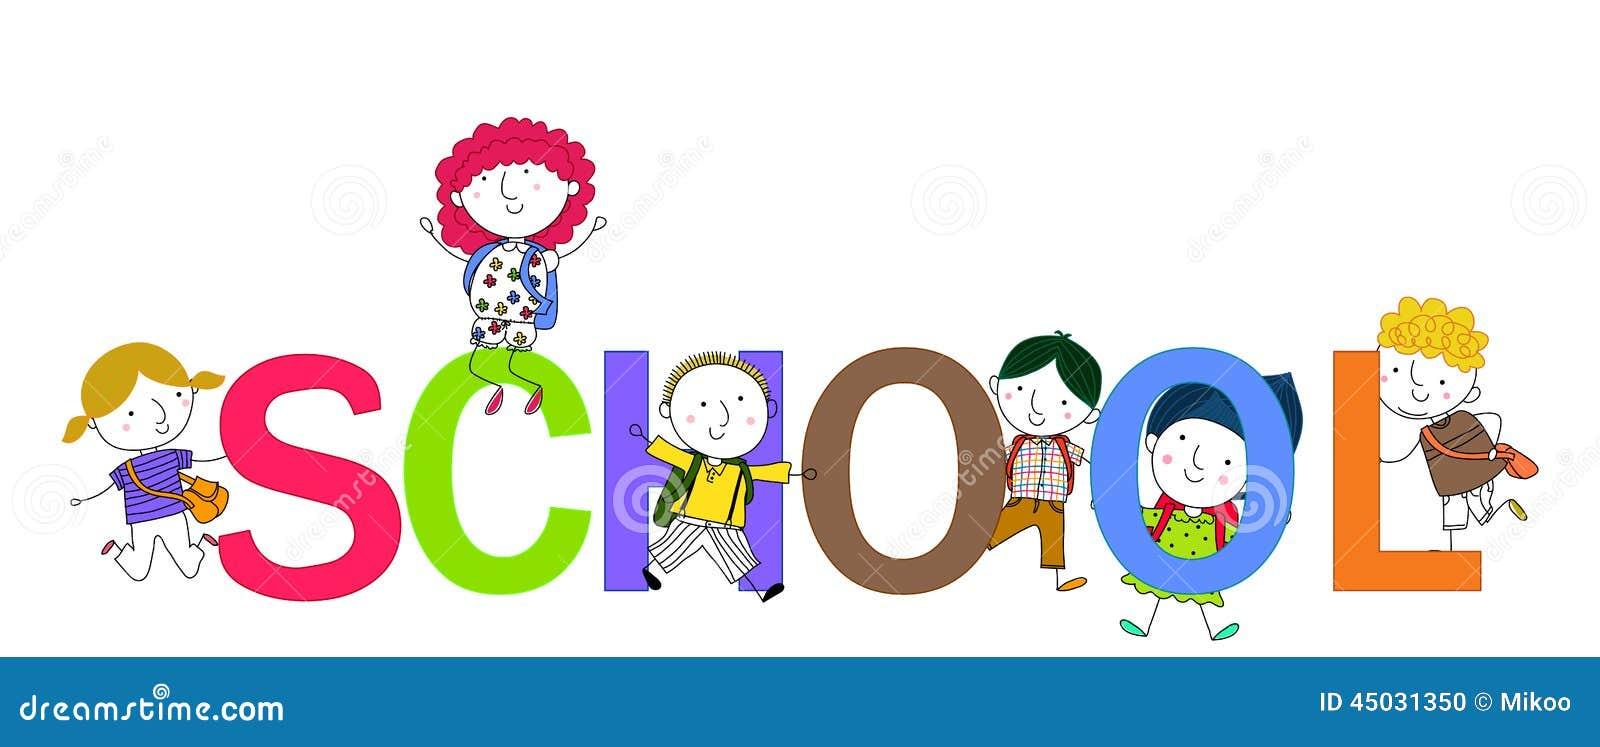 Happy Children And School Word Stock Vector - Image: 45031350